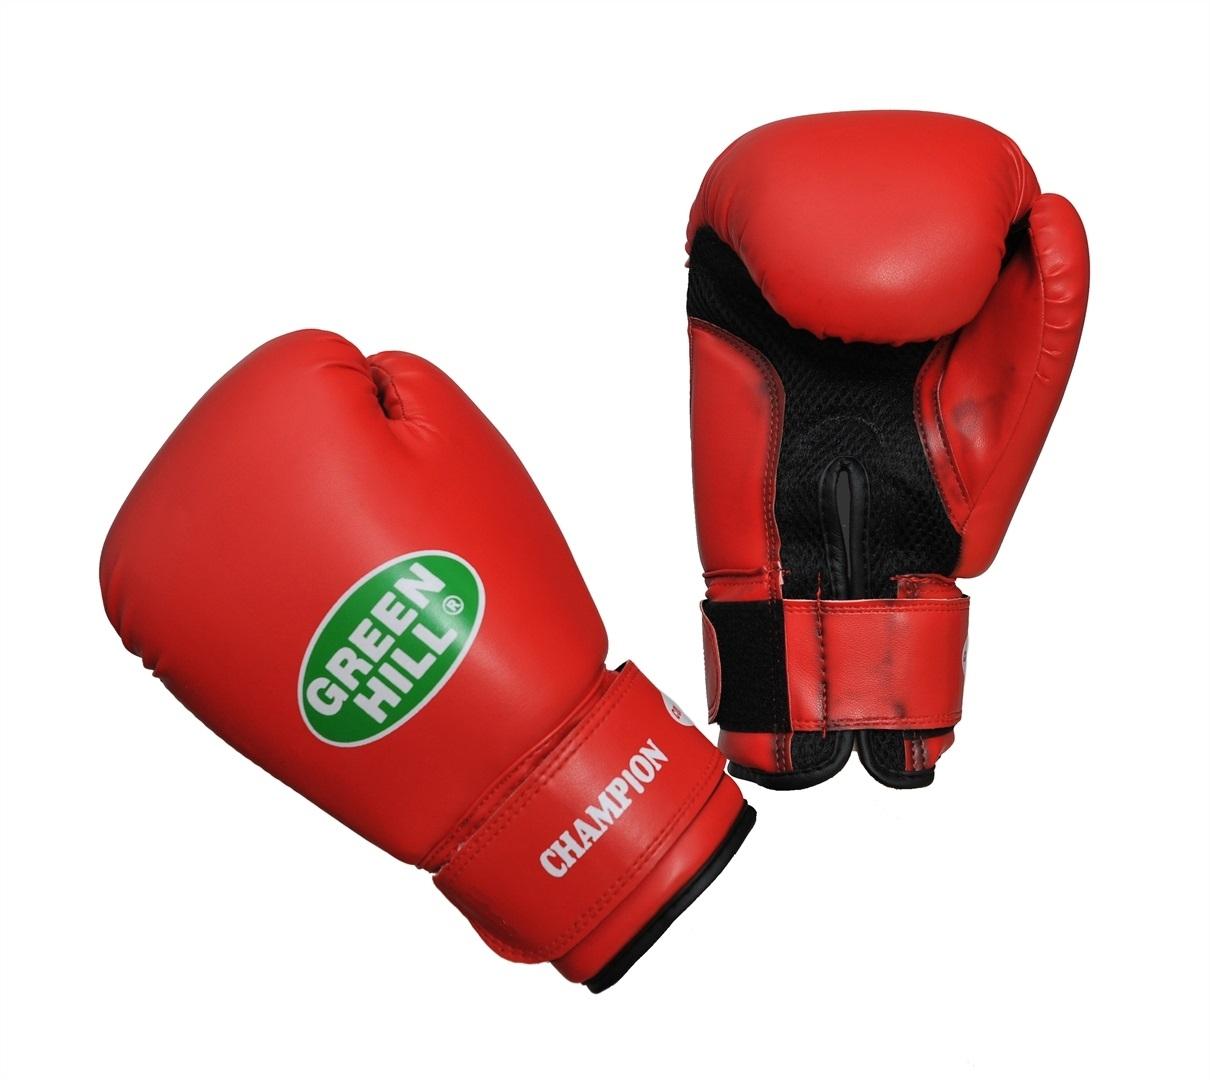 Перчатки боксерские Green Hill Champion, цвет: красный. Вес 8 унцийBGC-2040bБоксерские перчатки Green Hill Champion предназначены для тренировок и соревнований. Верх выполнен из синтетической кожи, наполнитель - из пенополиуретана. Вставка из прочной замшевой сетки в области ладони позволяет создать максимально комфортный терморежим во время занятий. Перчатка хорошо проветривается благодаря системе воздухообмена. Широкий ремень, охватывая запястье, полностью оборачивается вокруг манжеты, благодаря чему создается дополнительная защита лучезапястного сустава от травмирования. Застежка на липучке способствует быстрому и удобному одеванию перчаток, плотно фиксирует перчатки на руке.